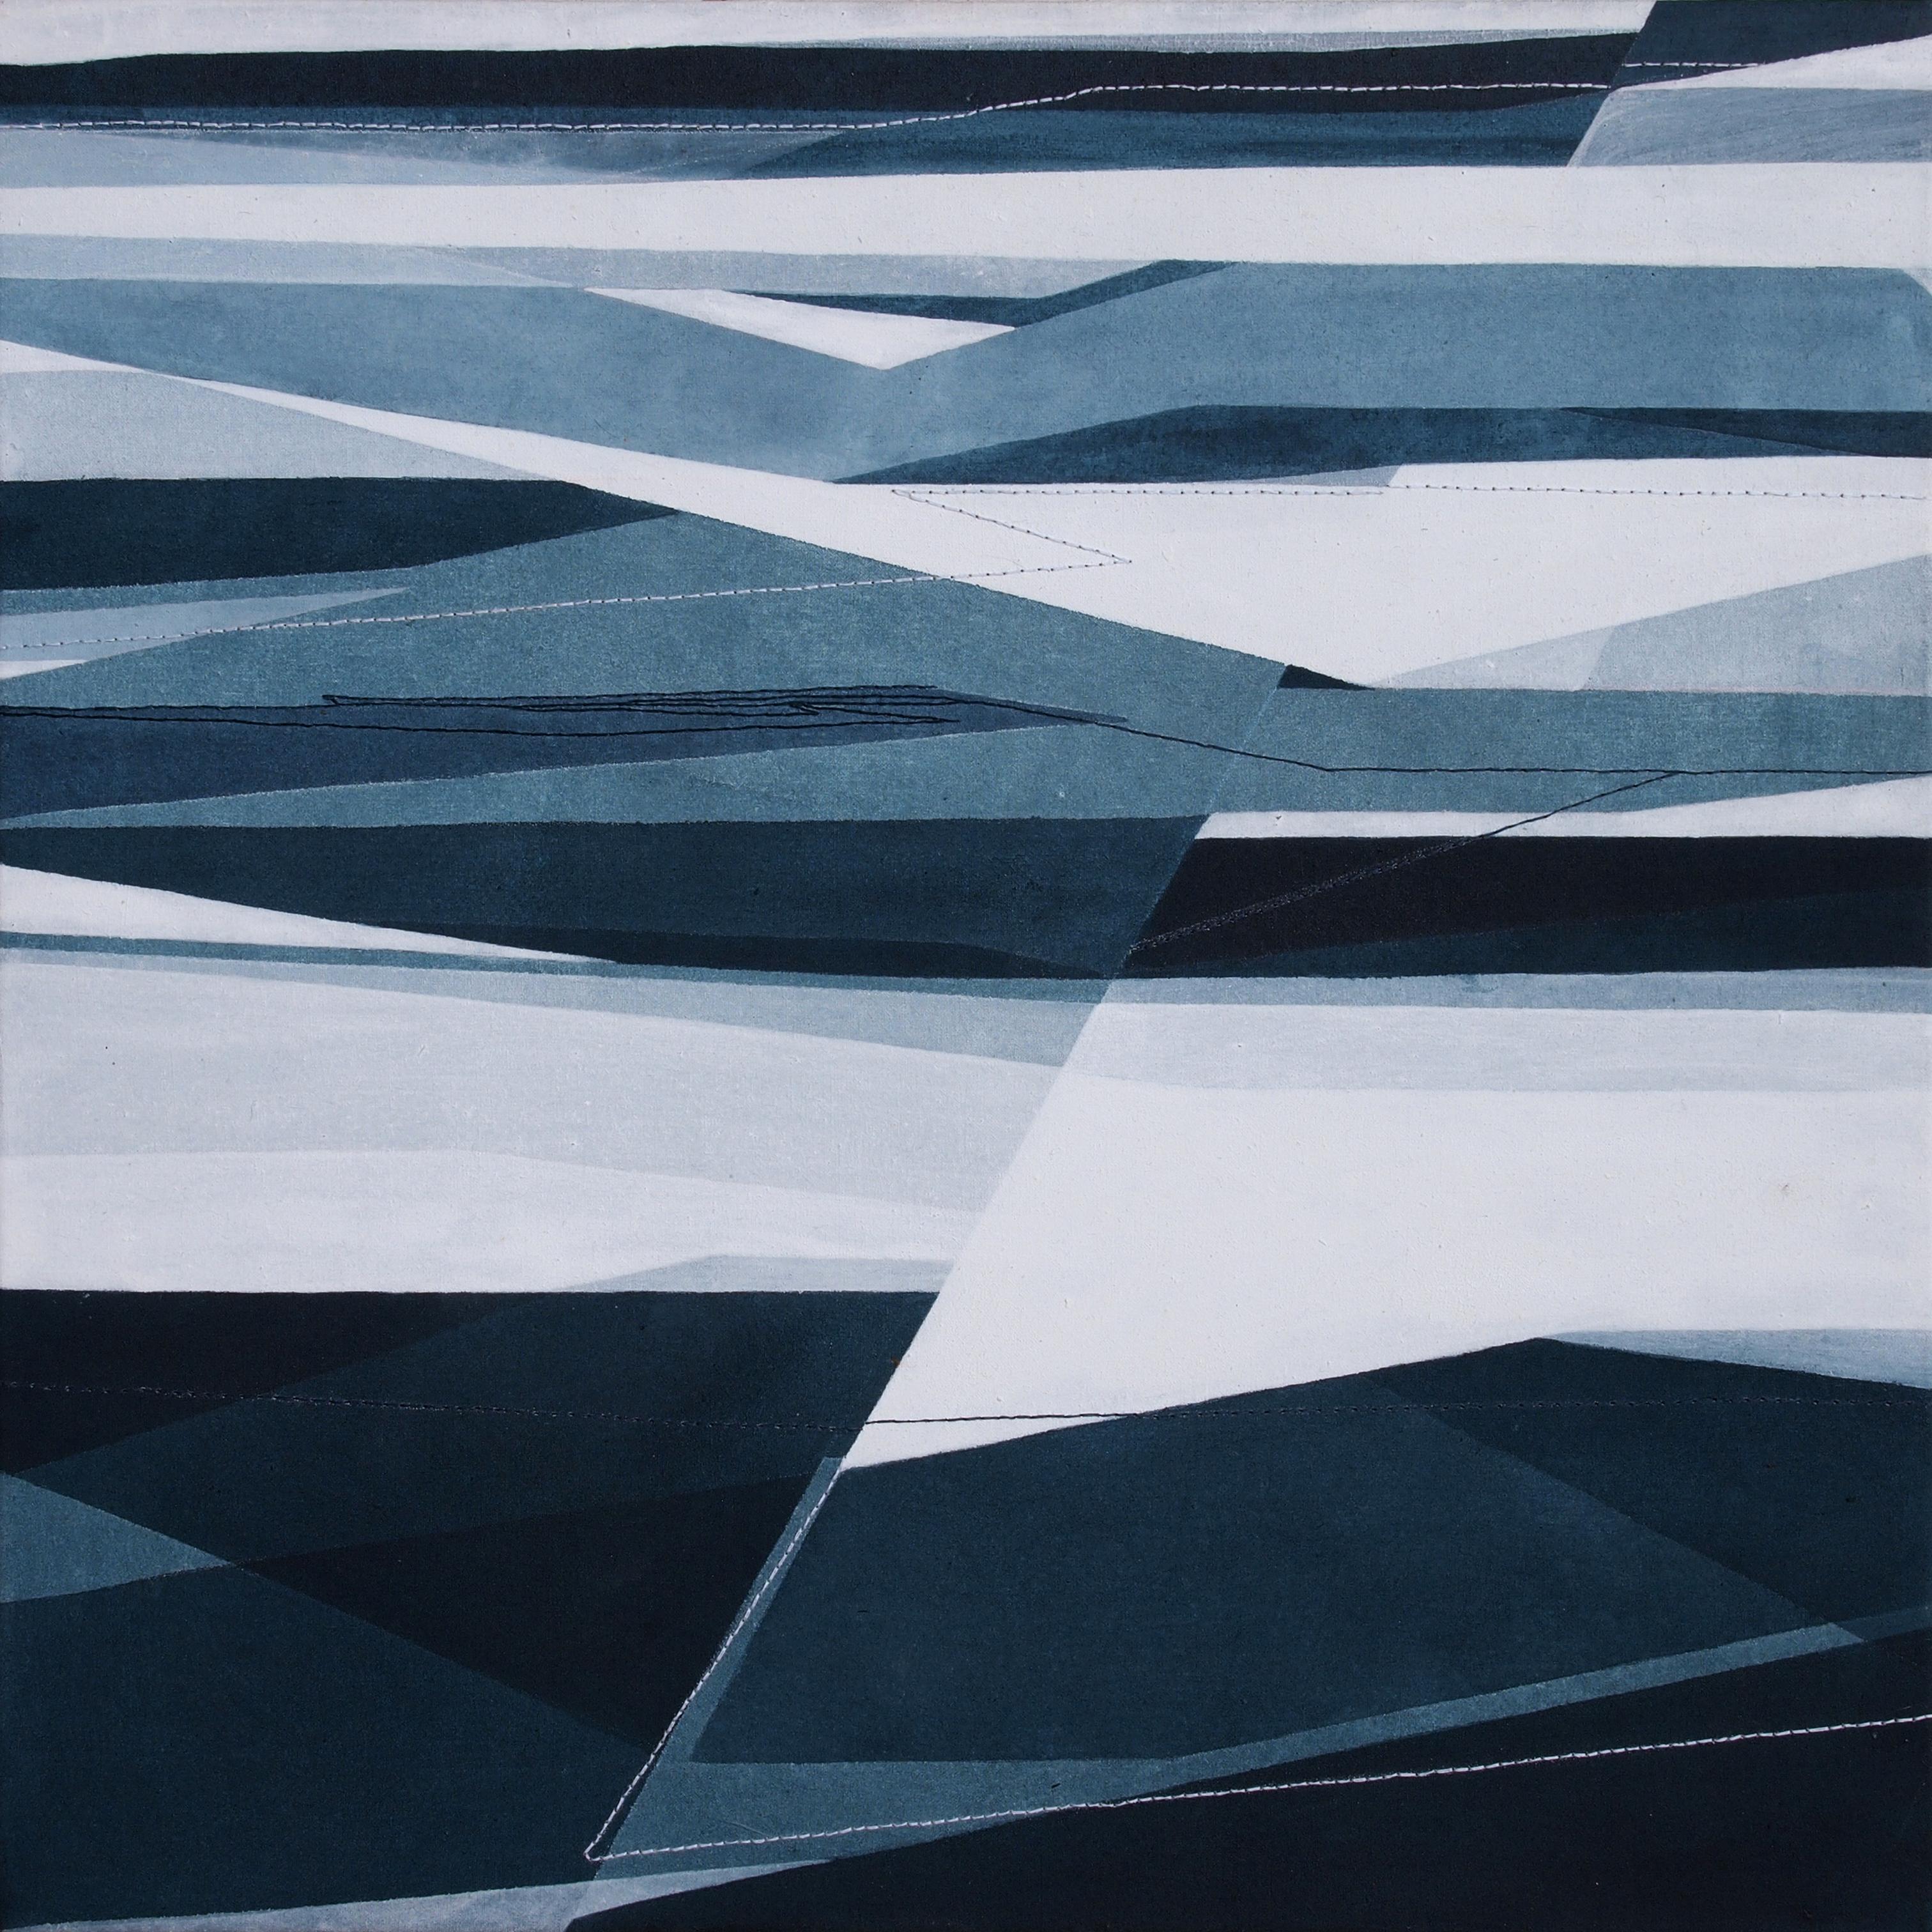 Senza Titolo, 40x40cm 2018. Acrilico acquerellato e tessiture su tela - Watercolour on acrylic and weaving on canvas. | Ph: Andrea Sartori